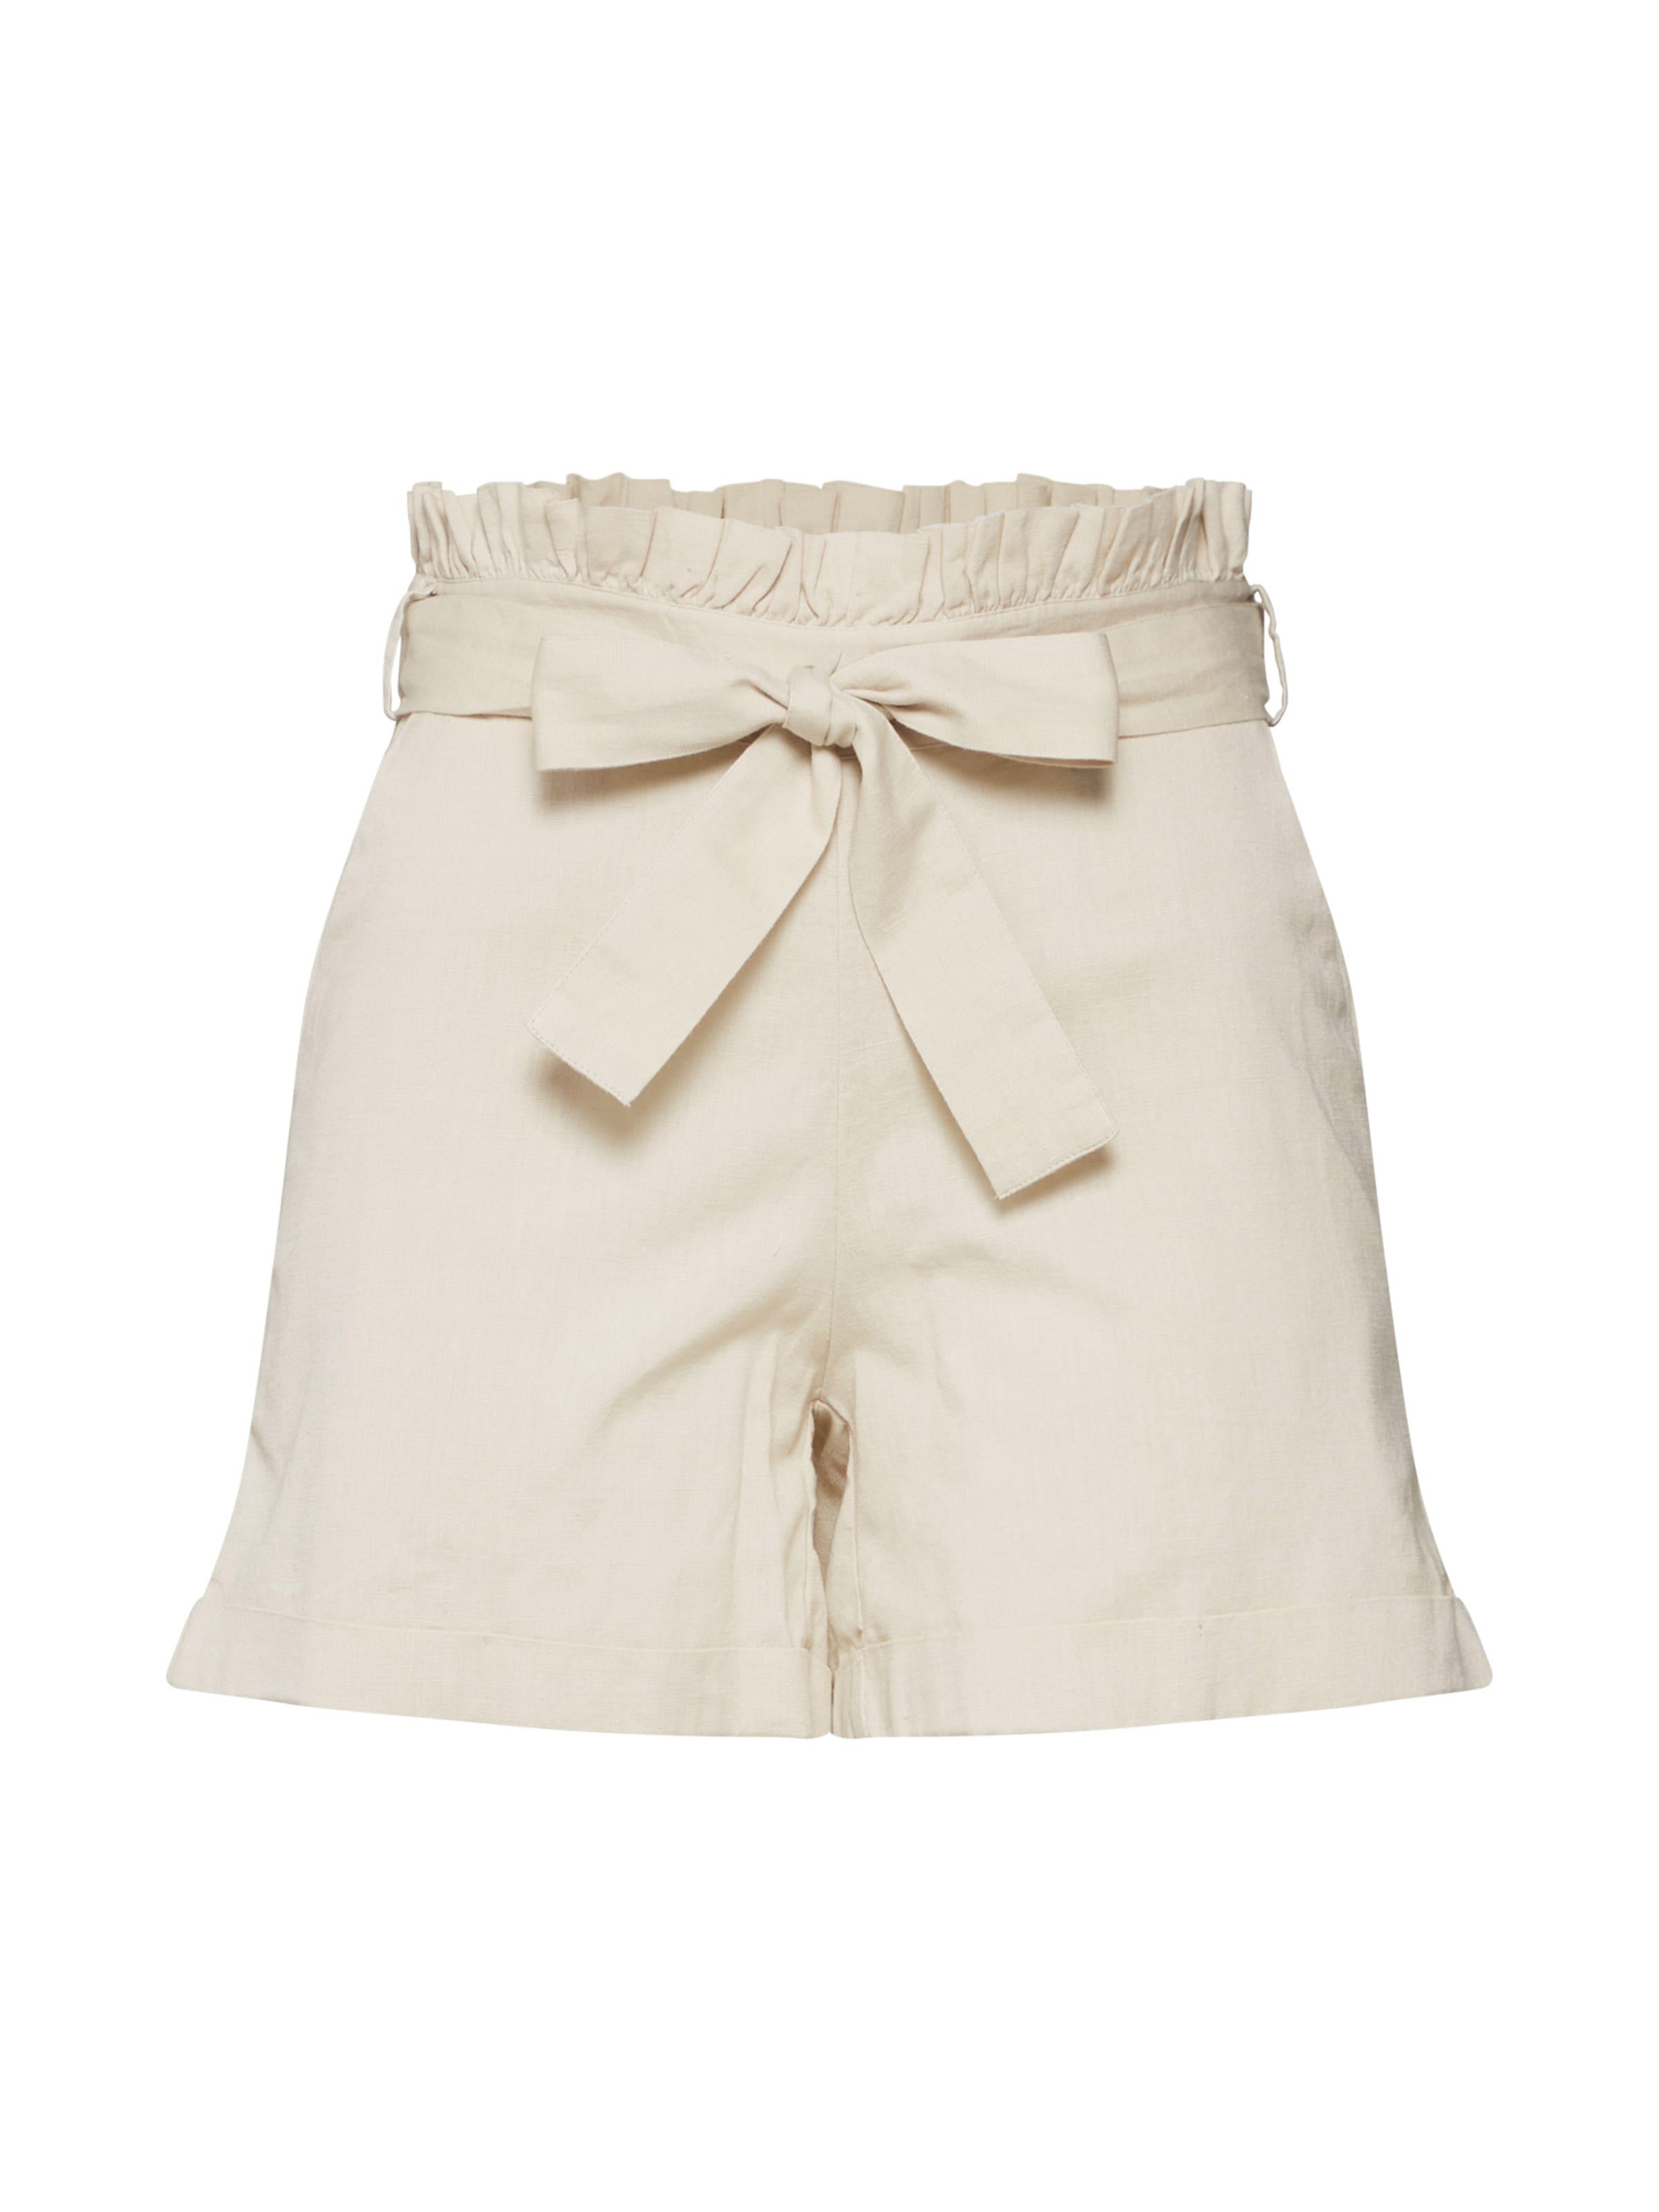 Pantalon May Noisy Beige En P8Z0ONnkXw